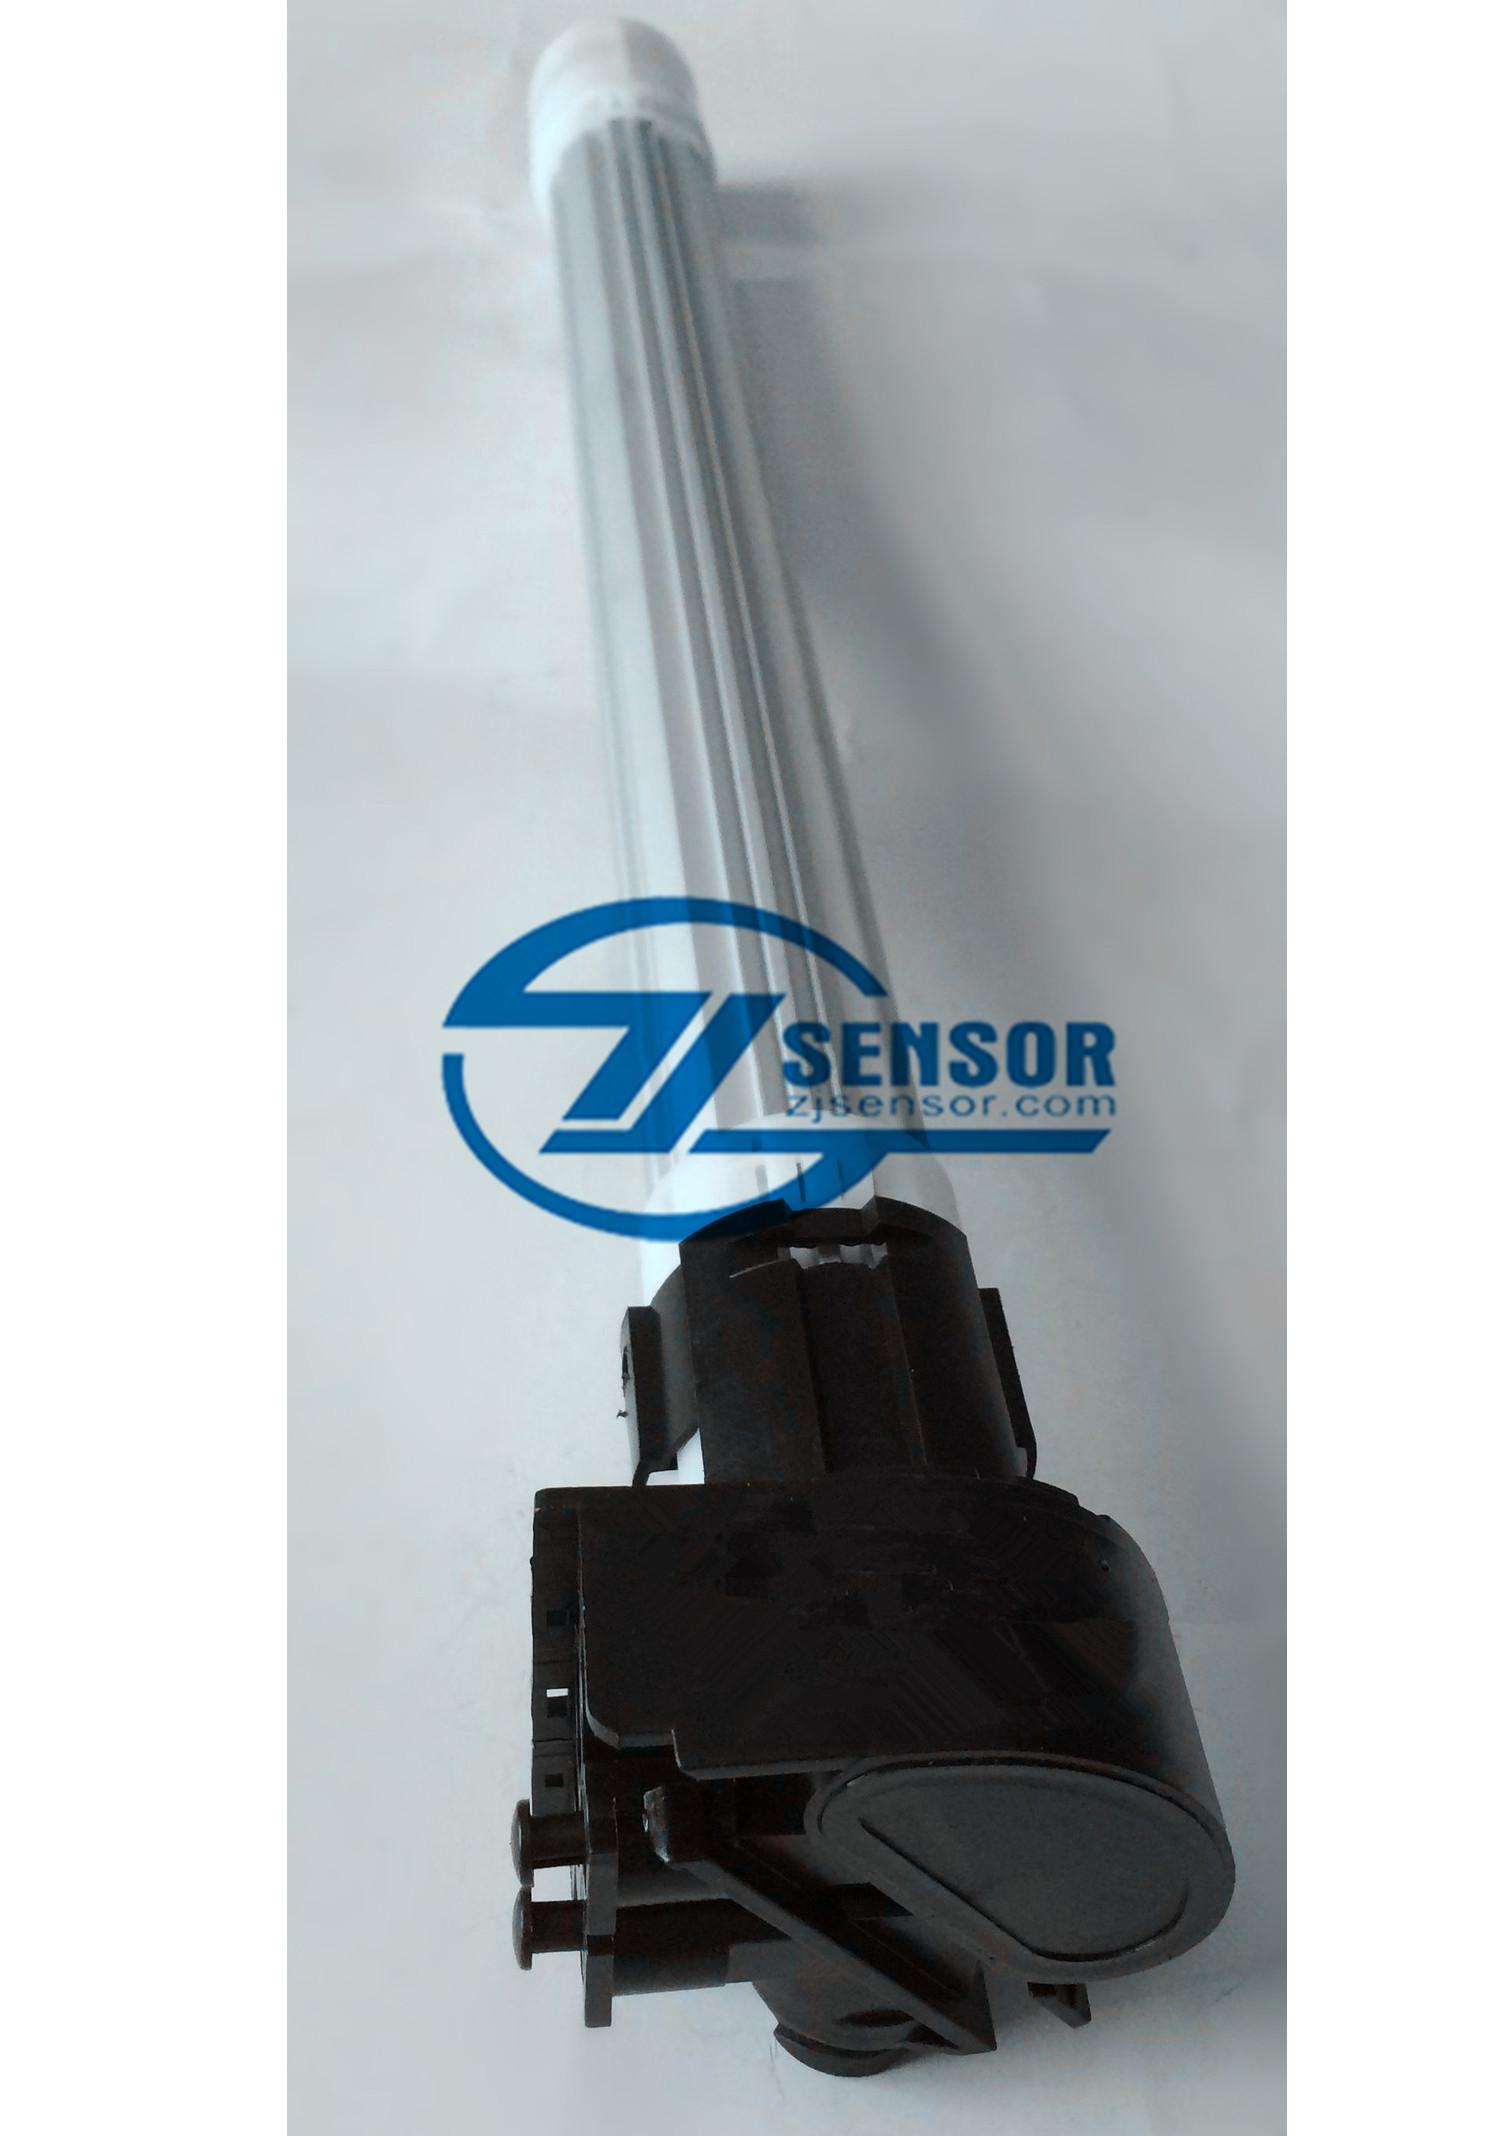 0125429517 fuel level sensor A0125429517 Fuel Tank Gauge Sensor for MERCEDES-BENZ truck